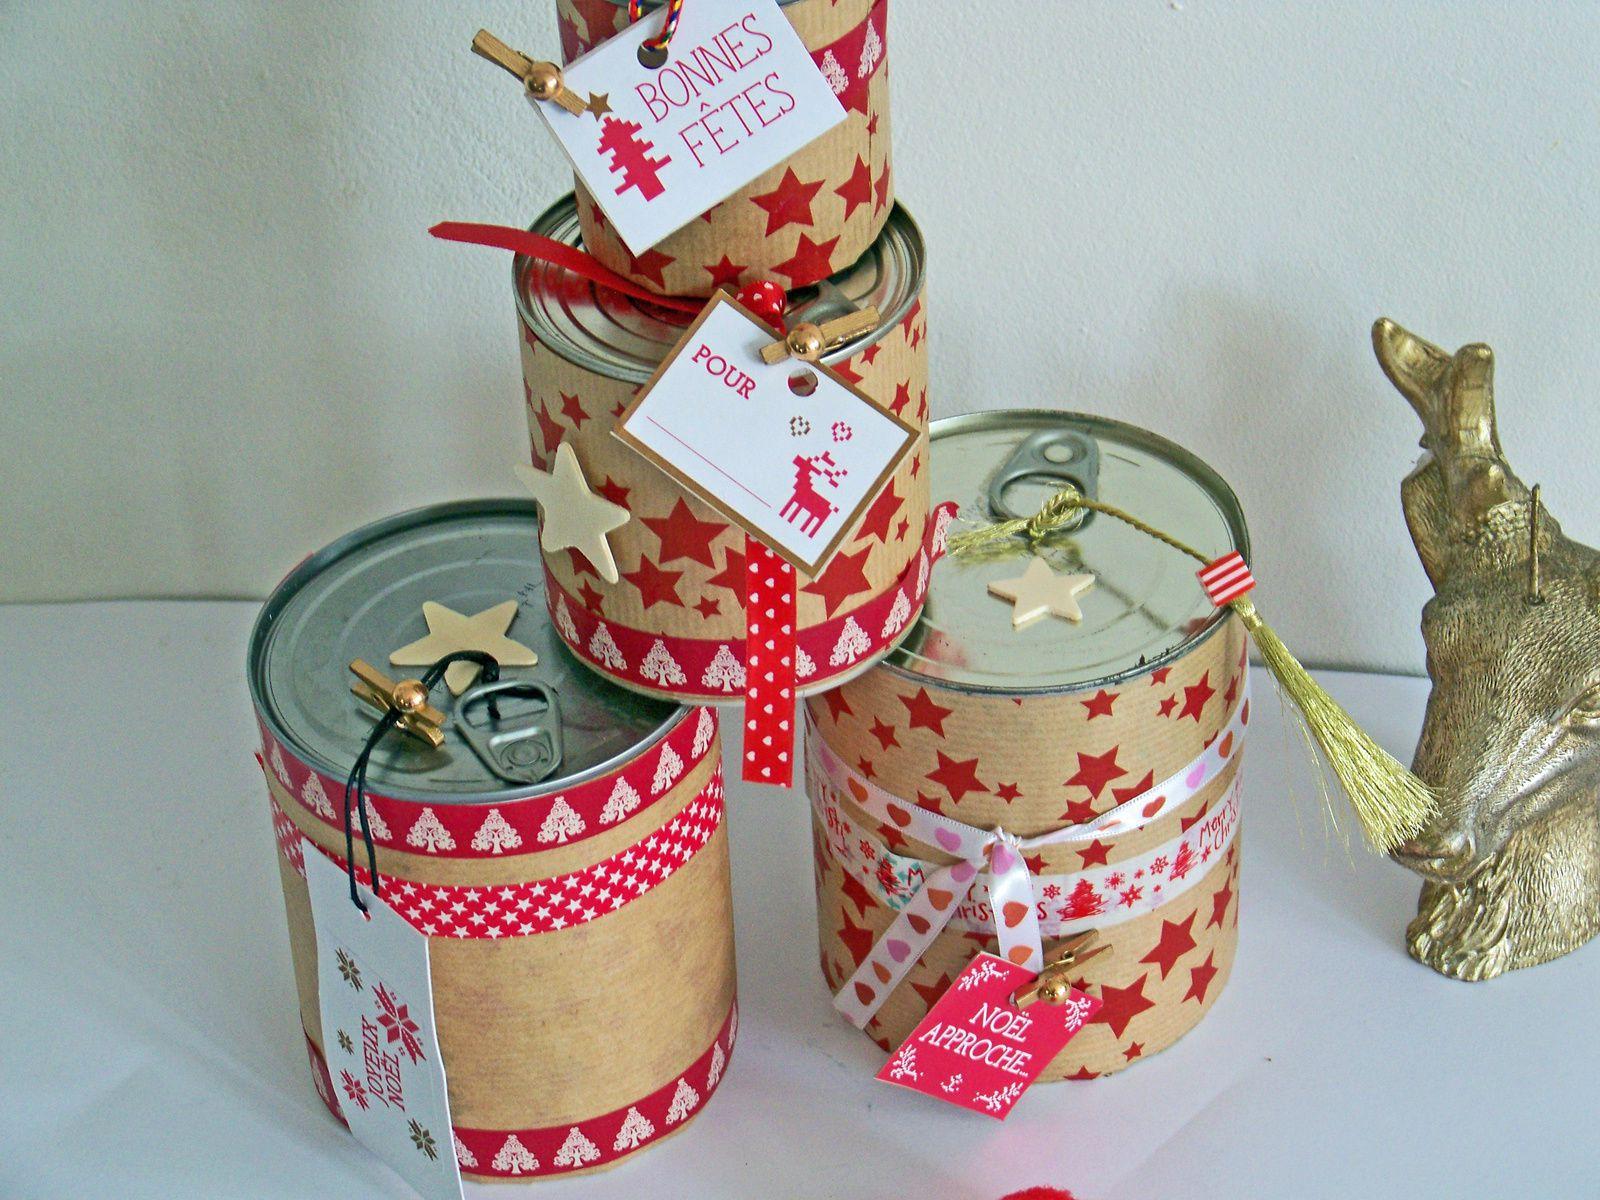 Les conserves recyclées en boîtes  cadeaux !